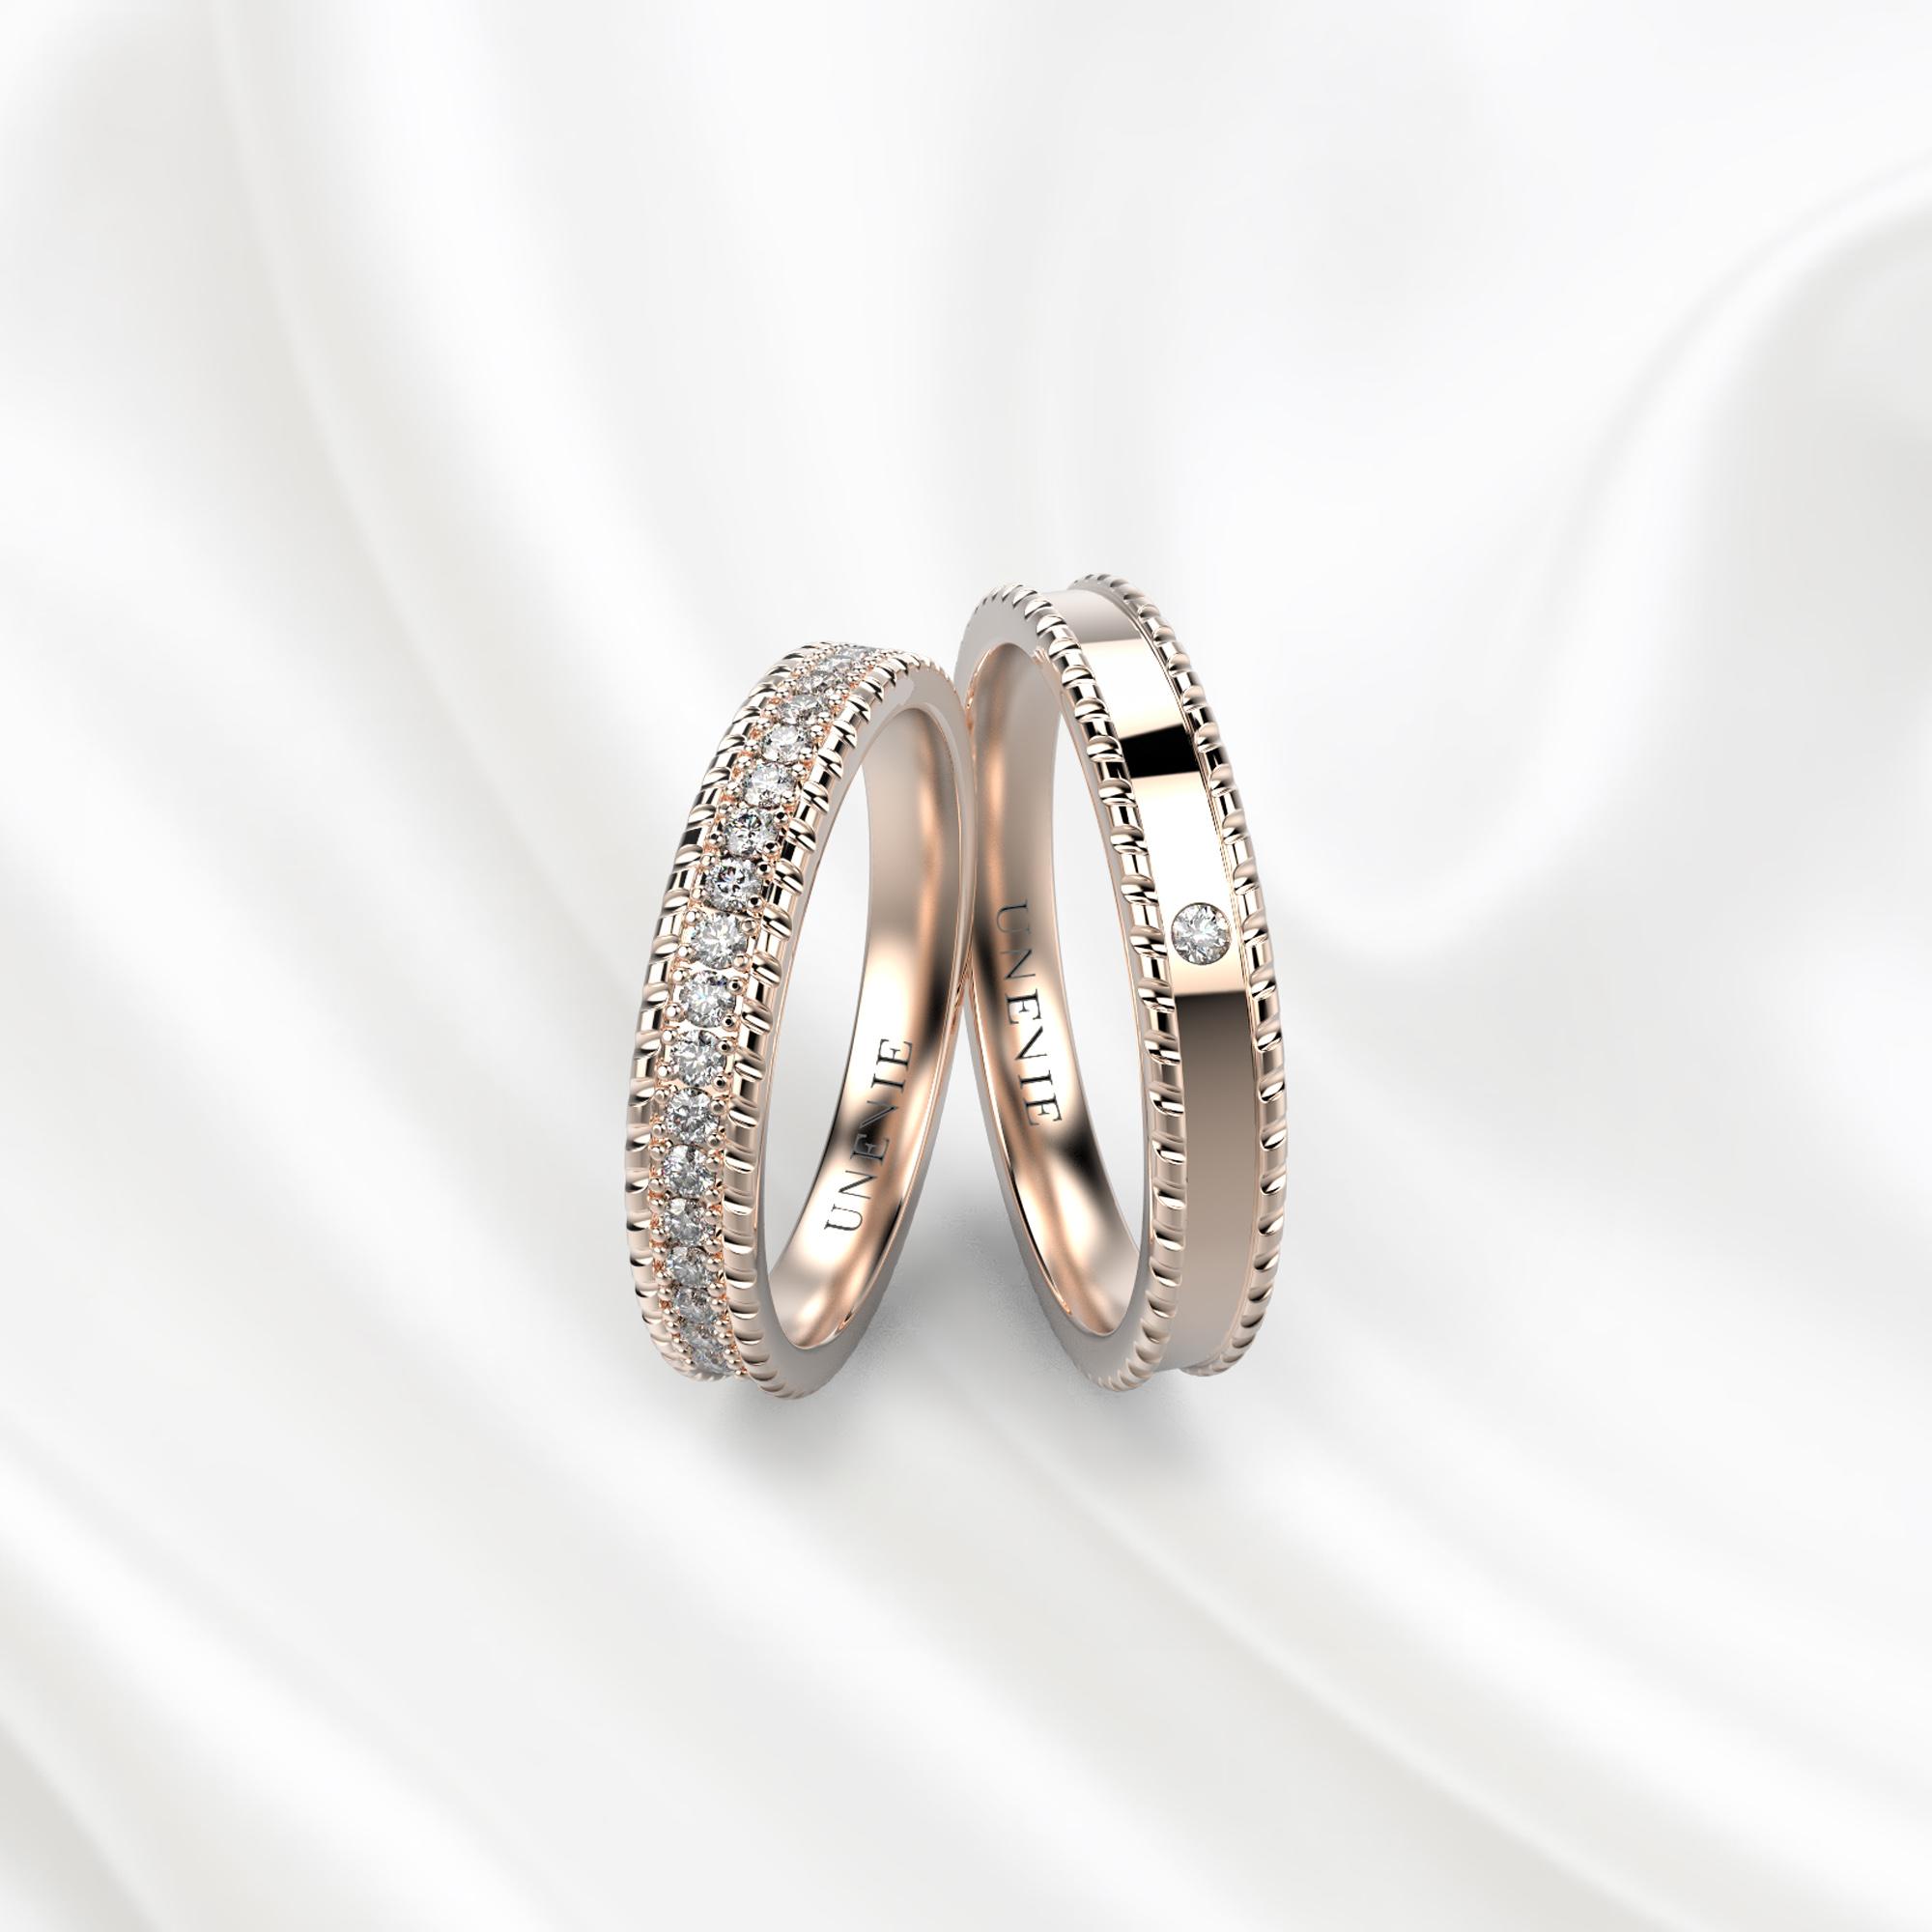 NV29 Обручальные кольца из розового золота с бриллиантами